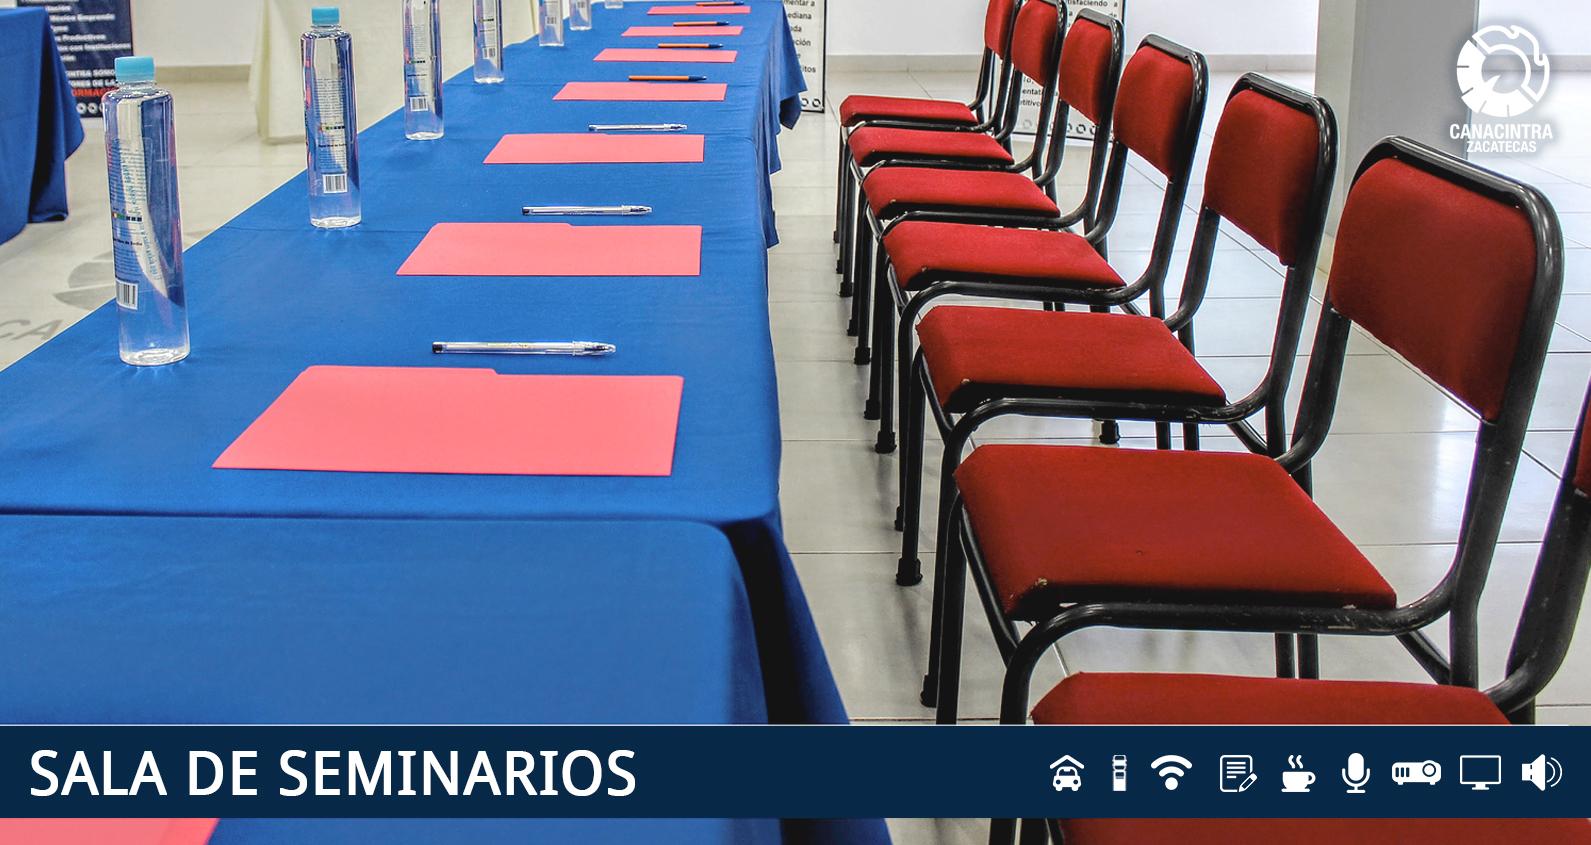 Sala de Seminarios Canacintra Zacatecas